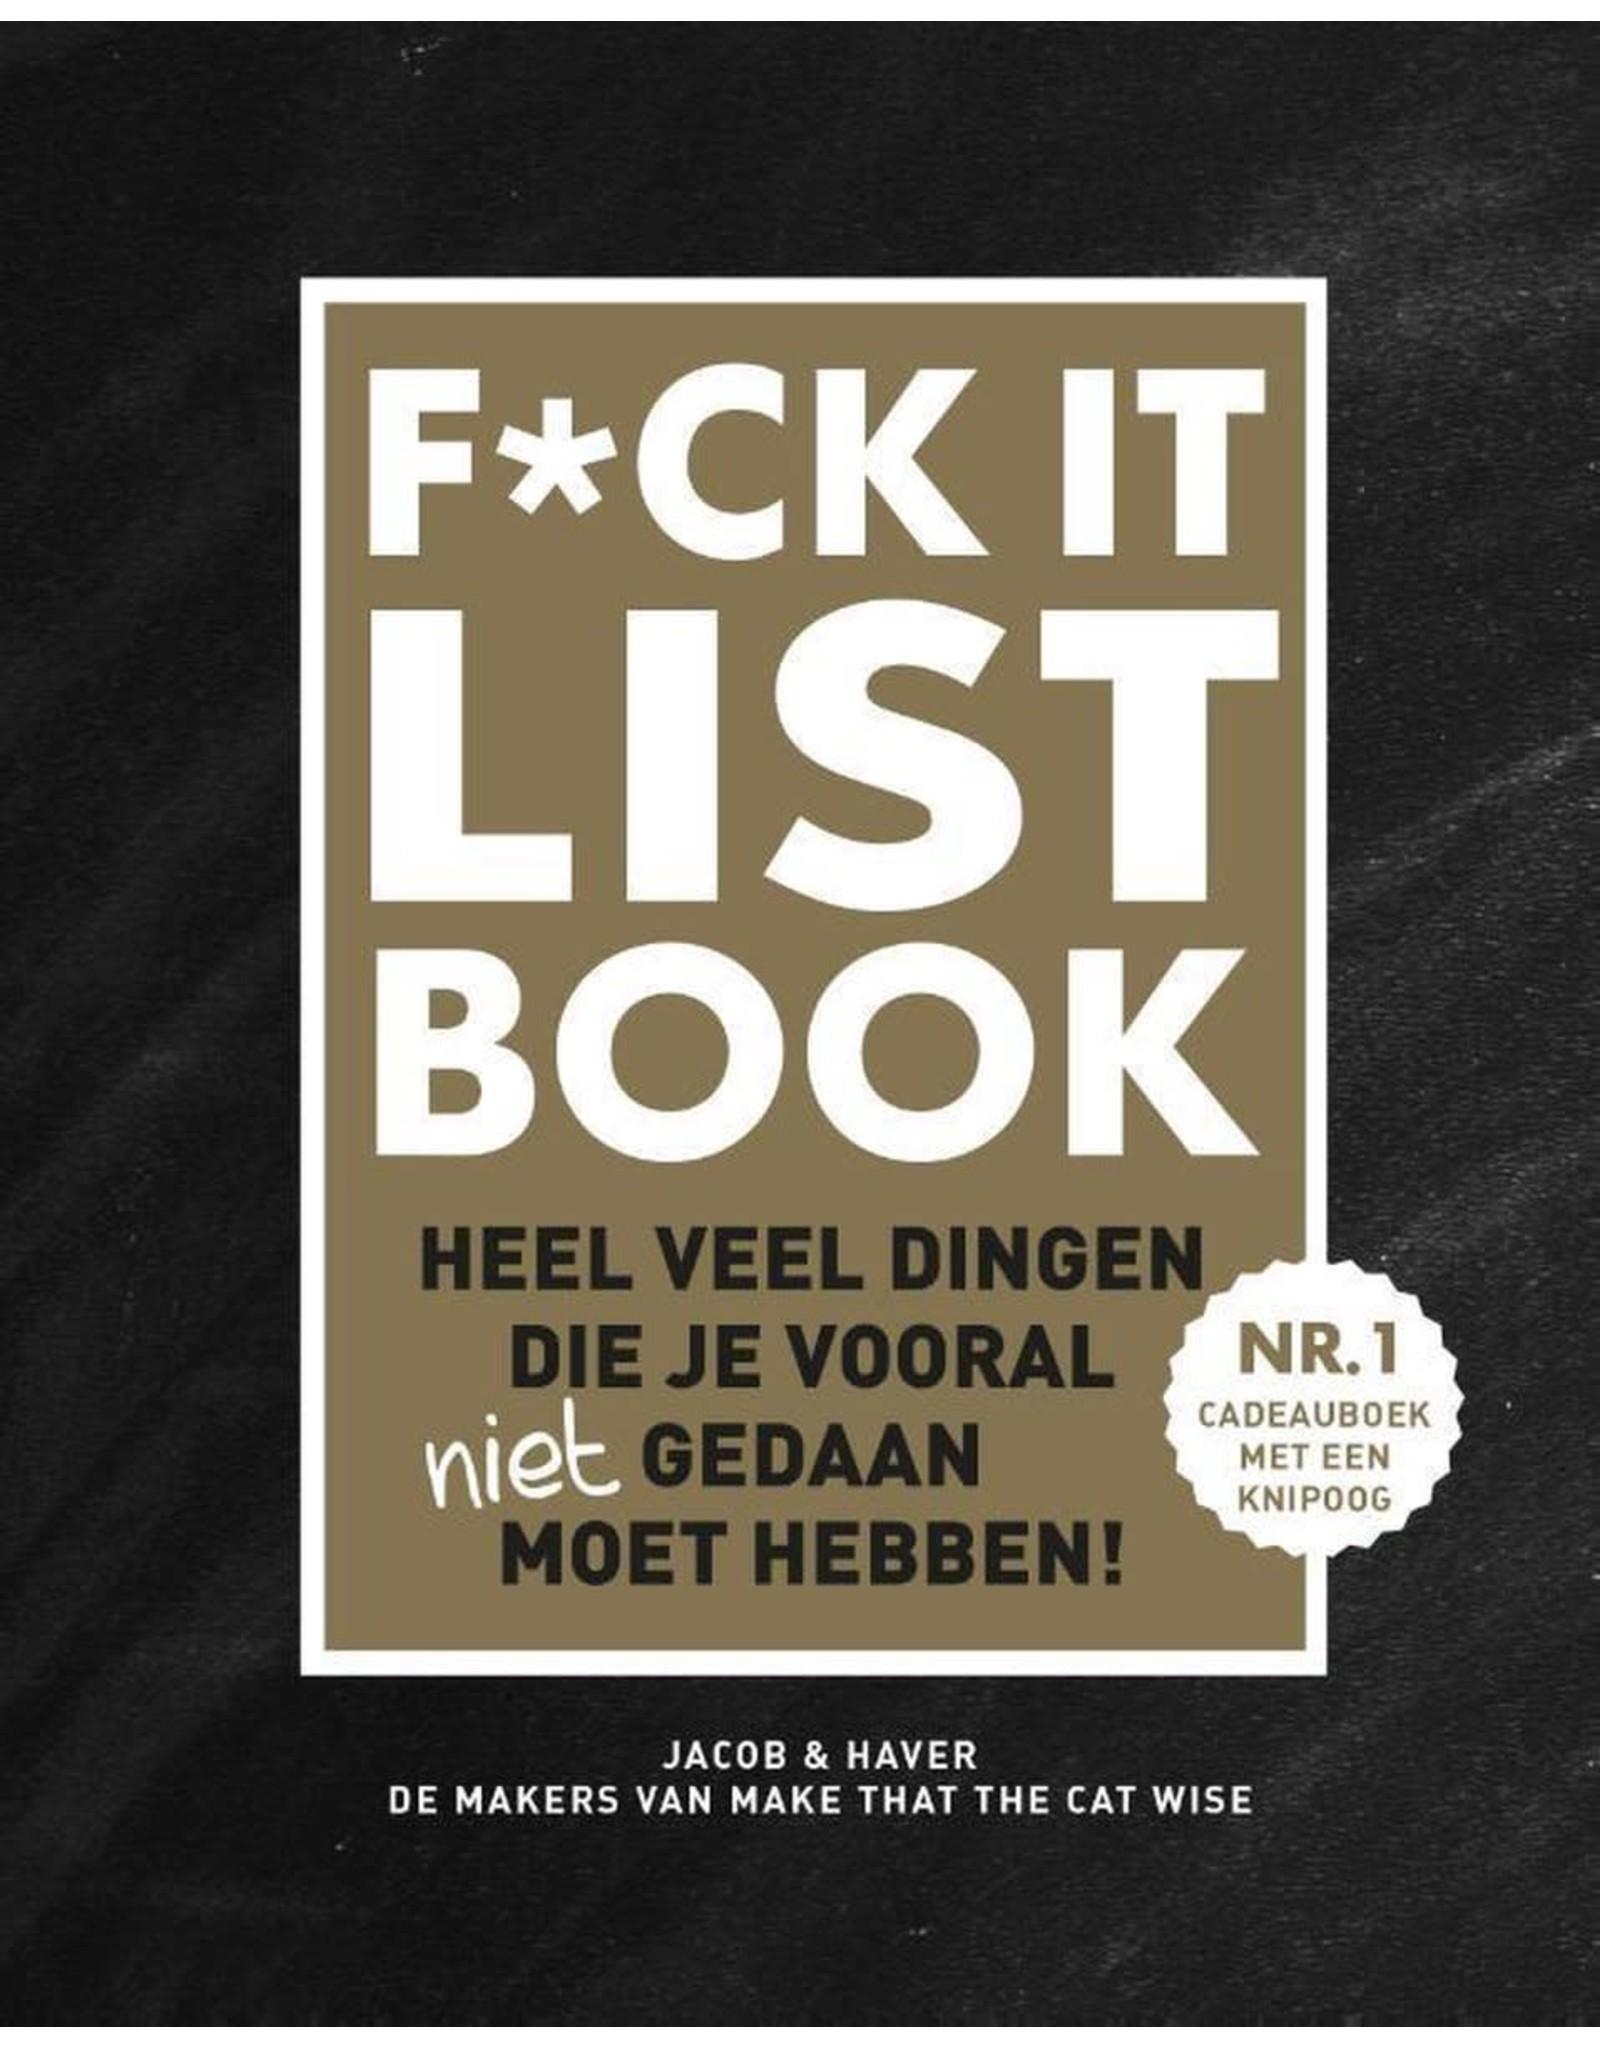 F*ck it list book